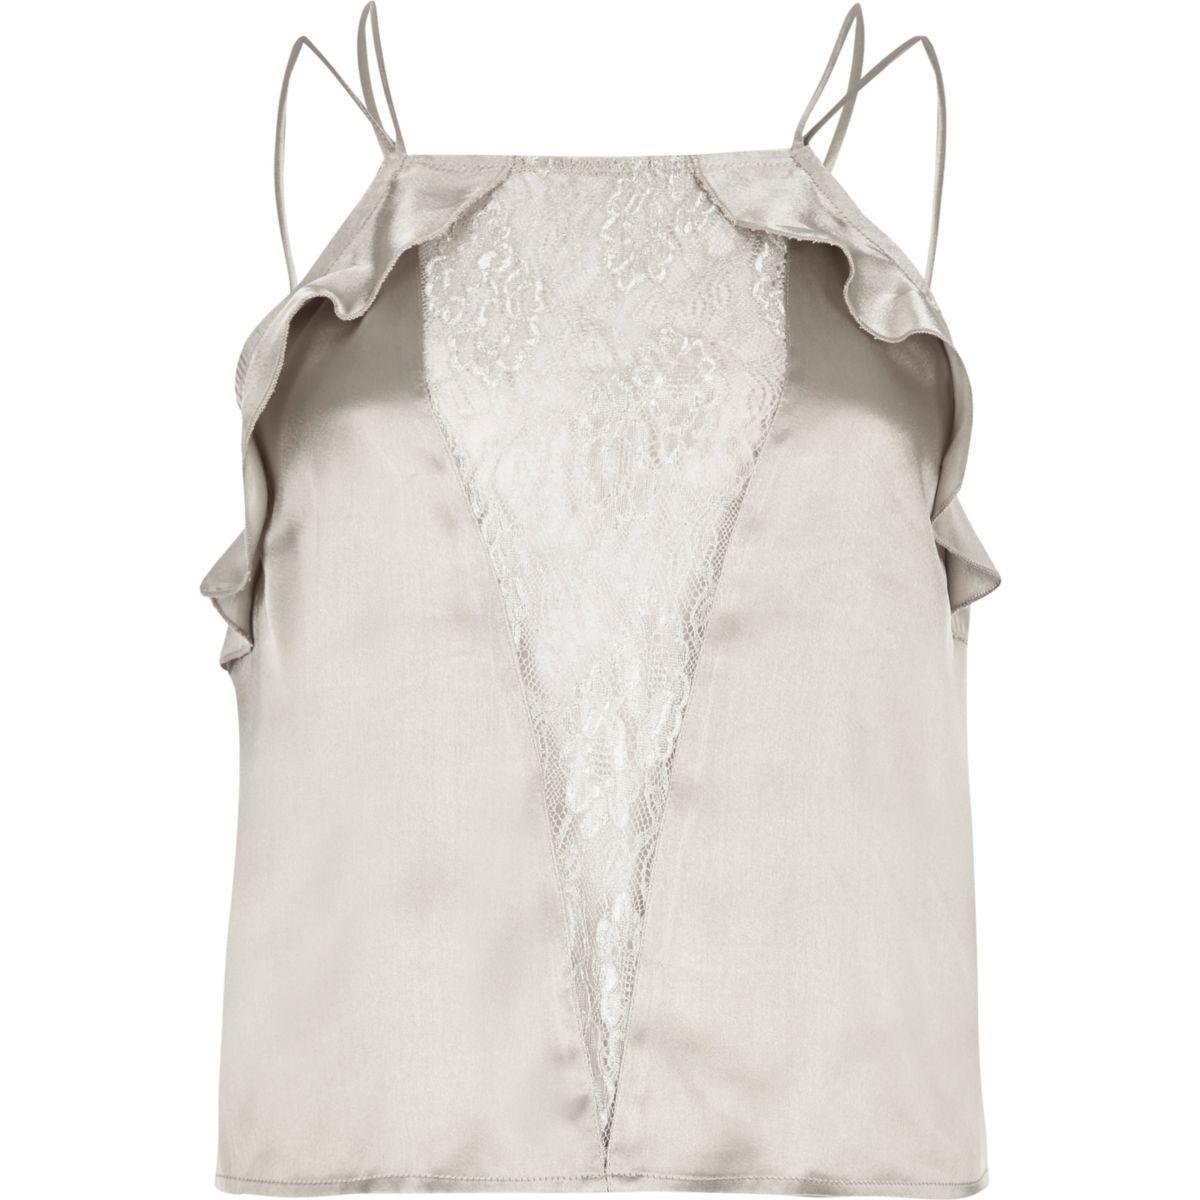 Grey lace panel frill cami pajama top